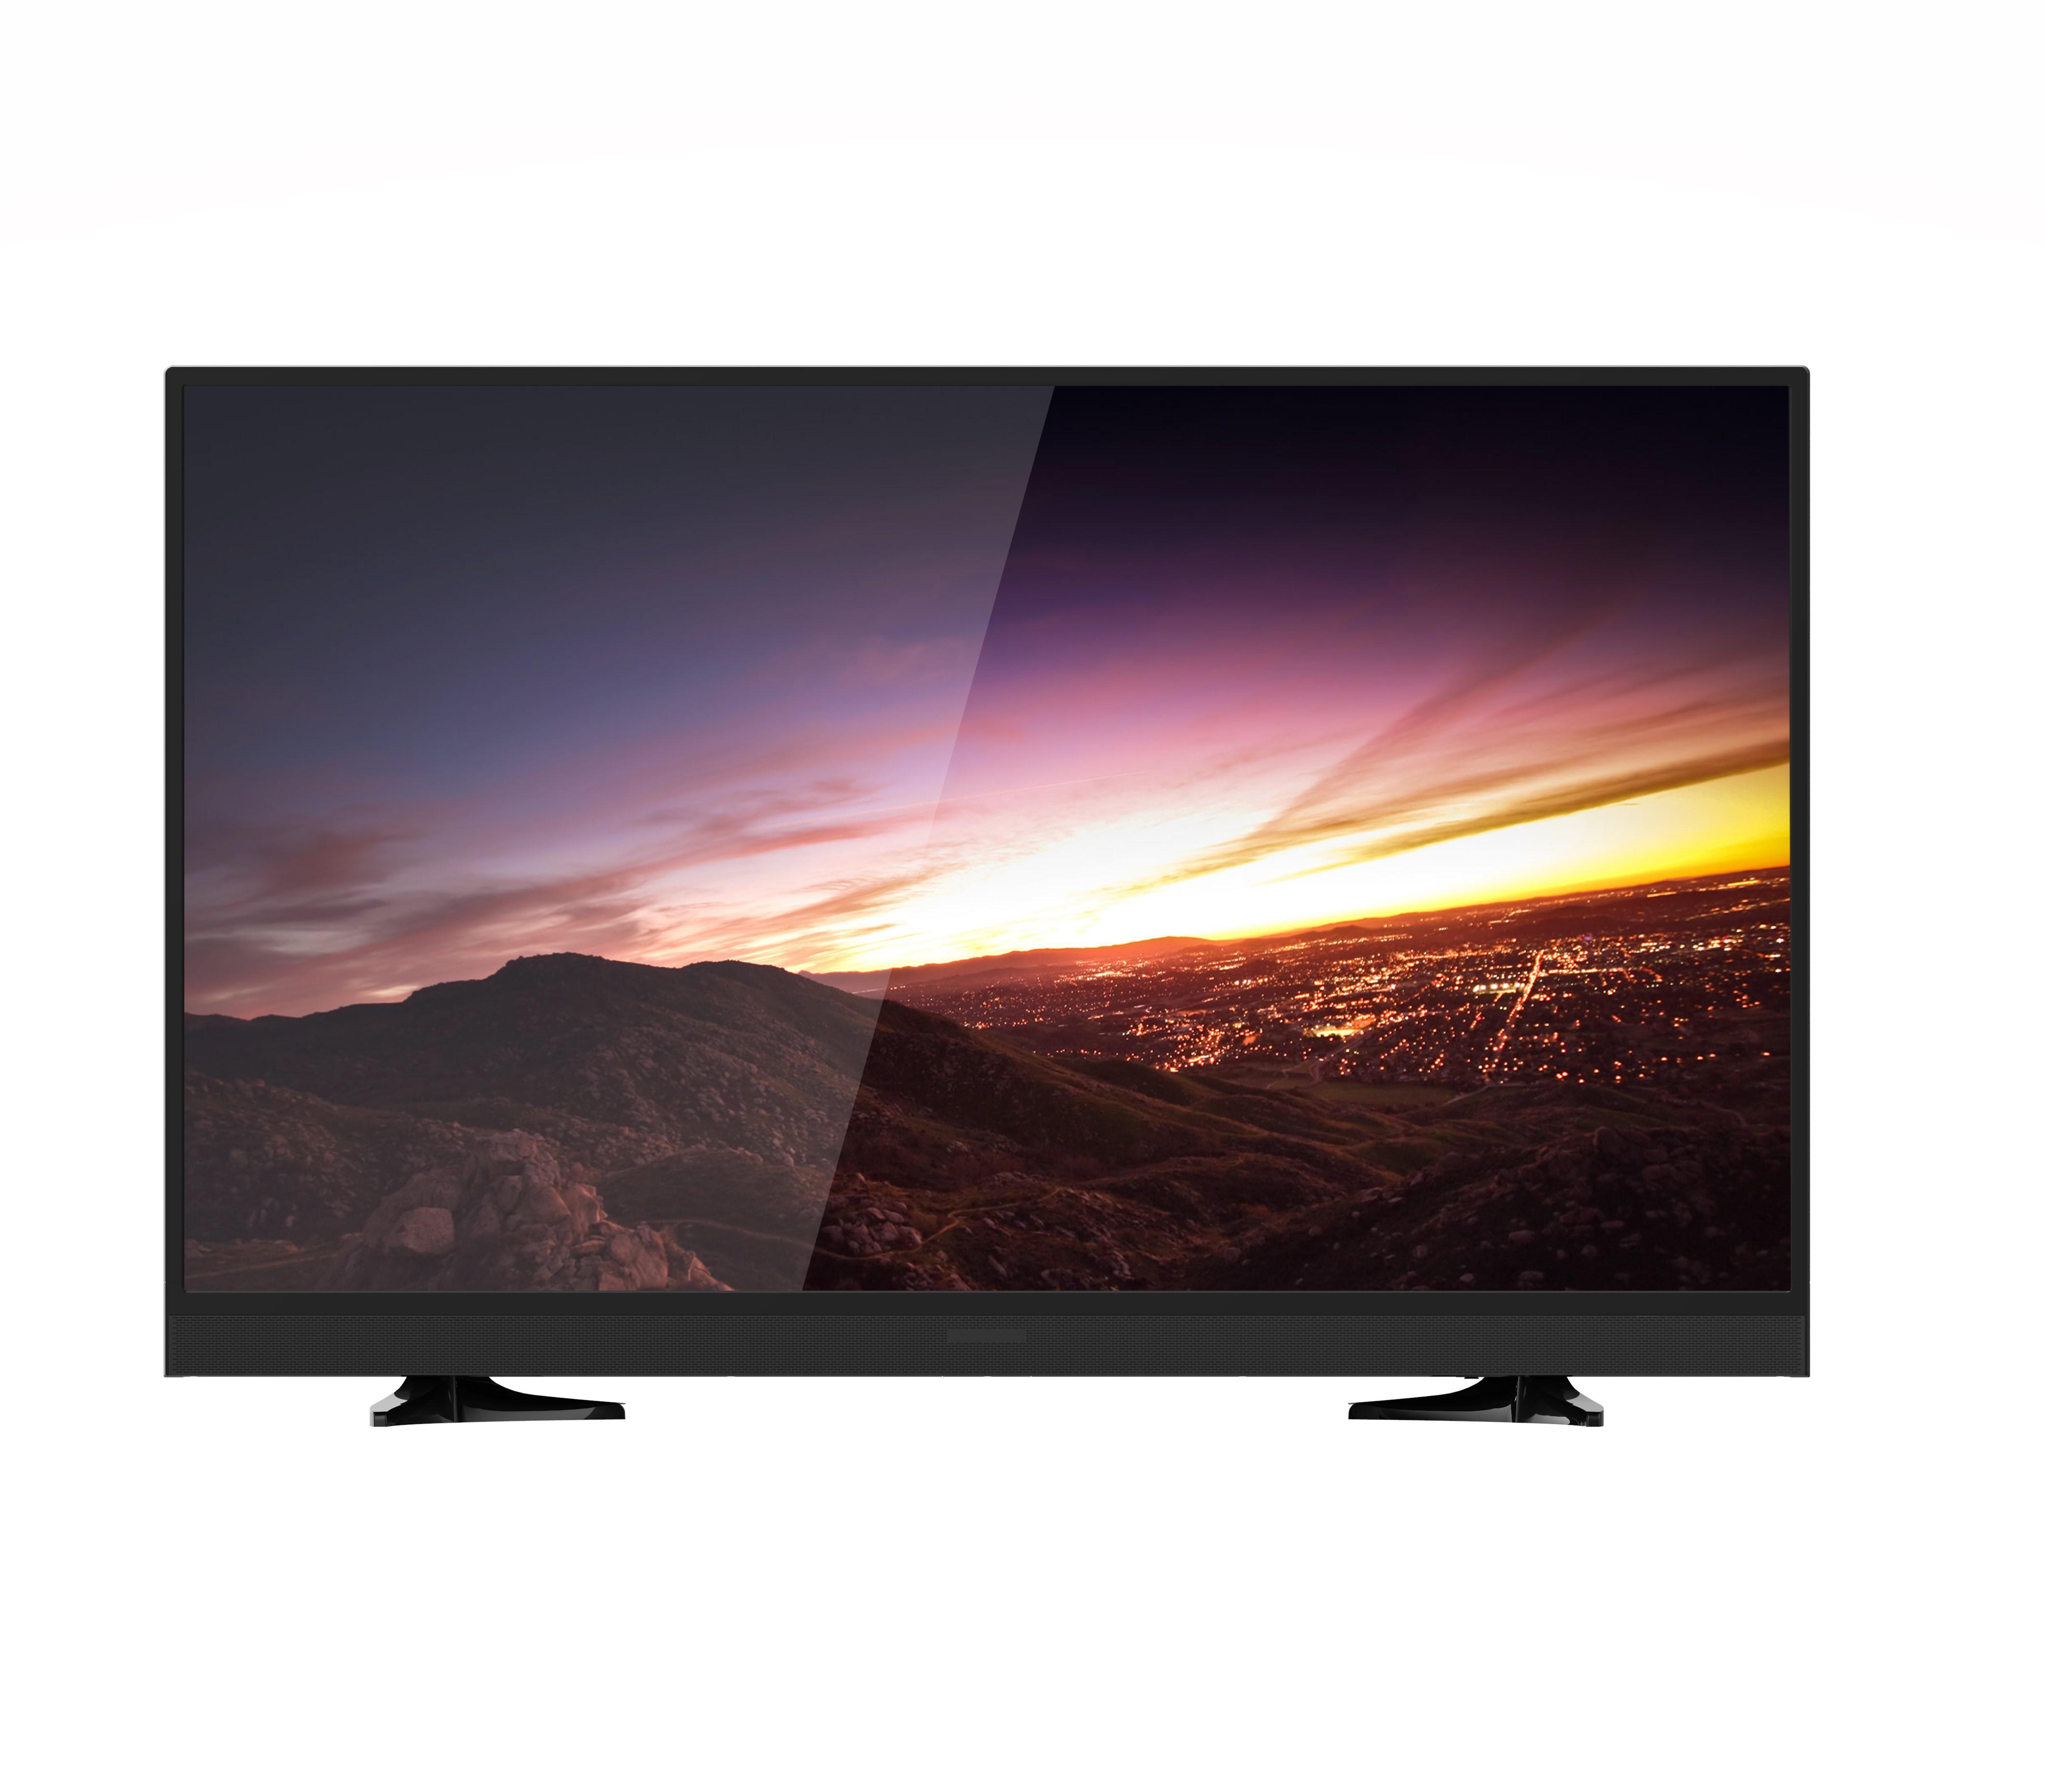 地上BSCSデジタル フルハイビジョン 液晶テレビ (49V型)LCH4912S画像